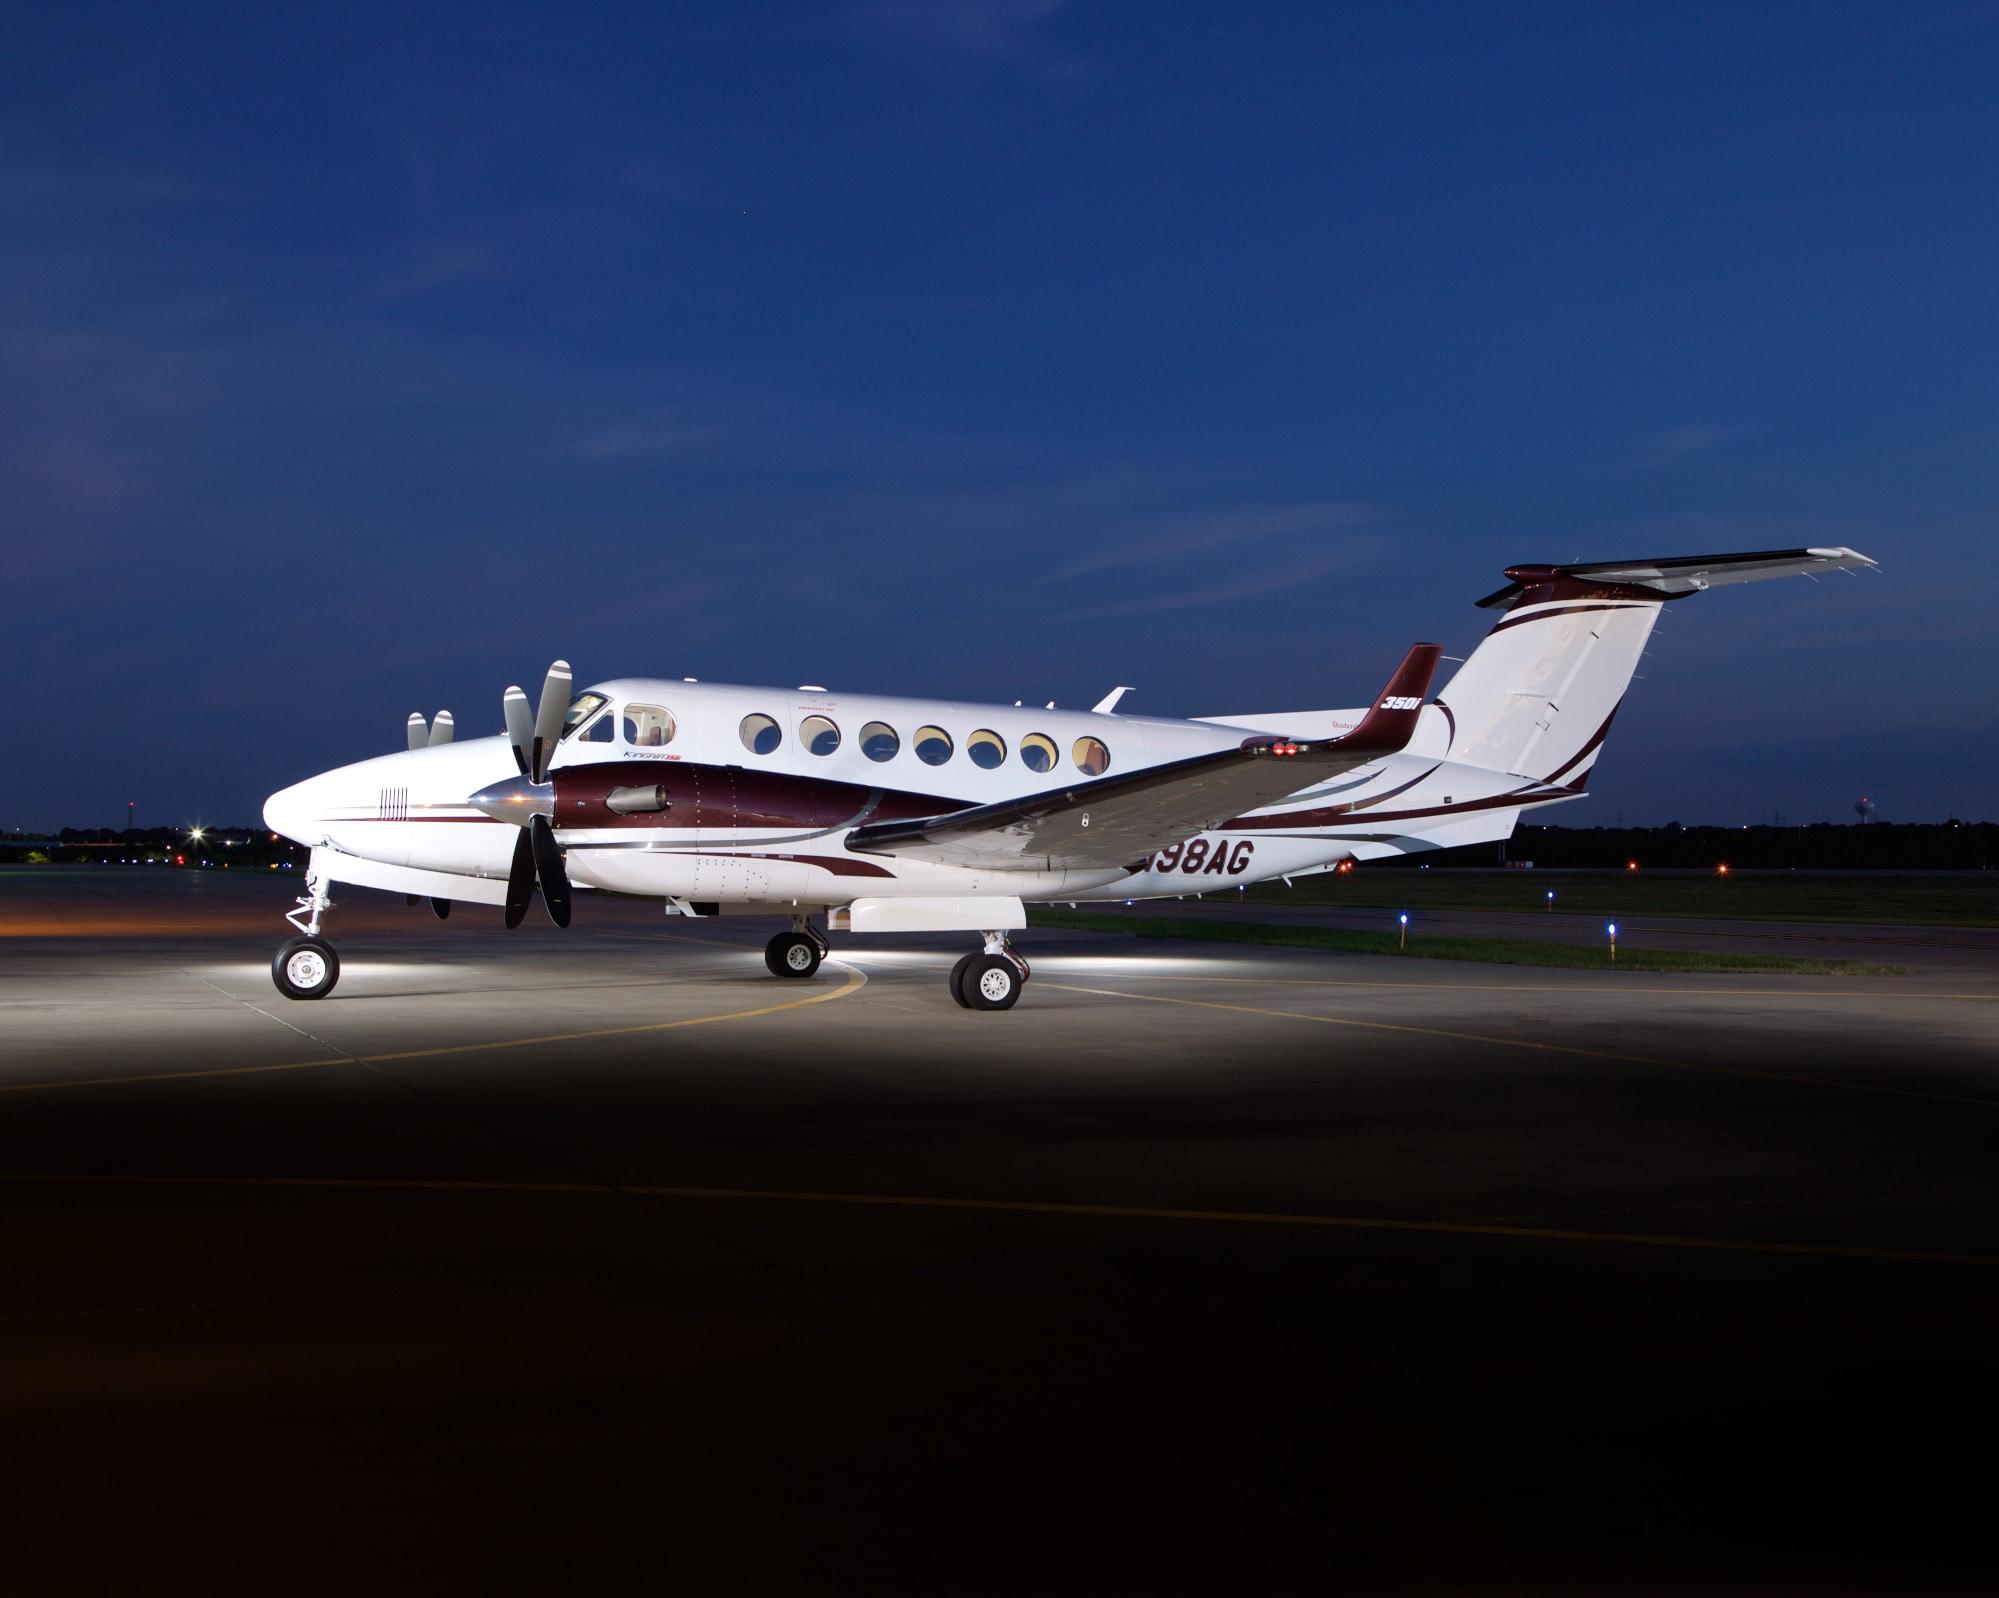 KA350I FL1005 01